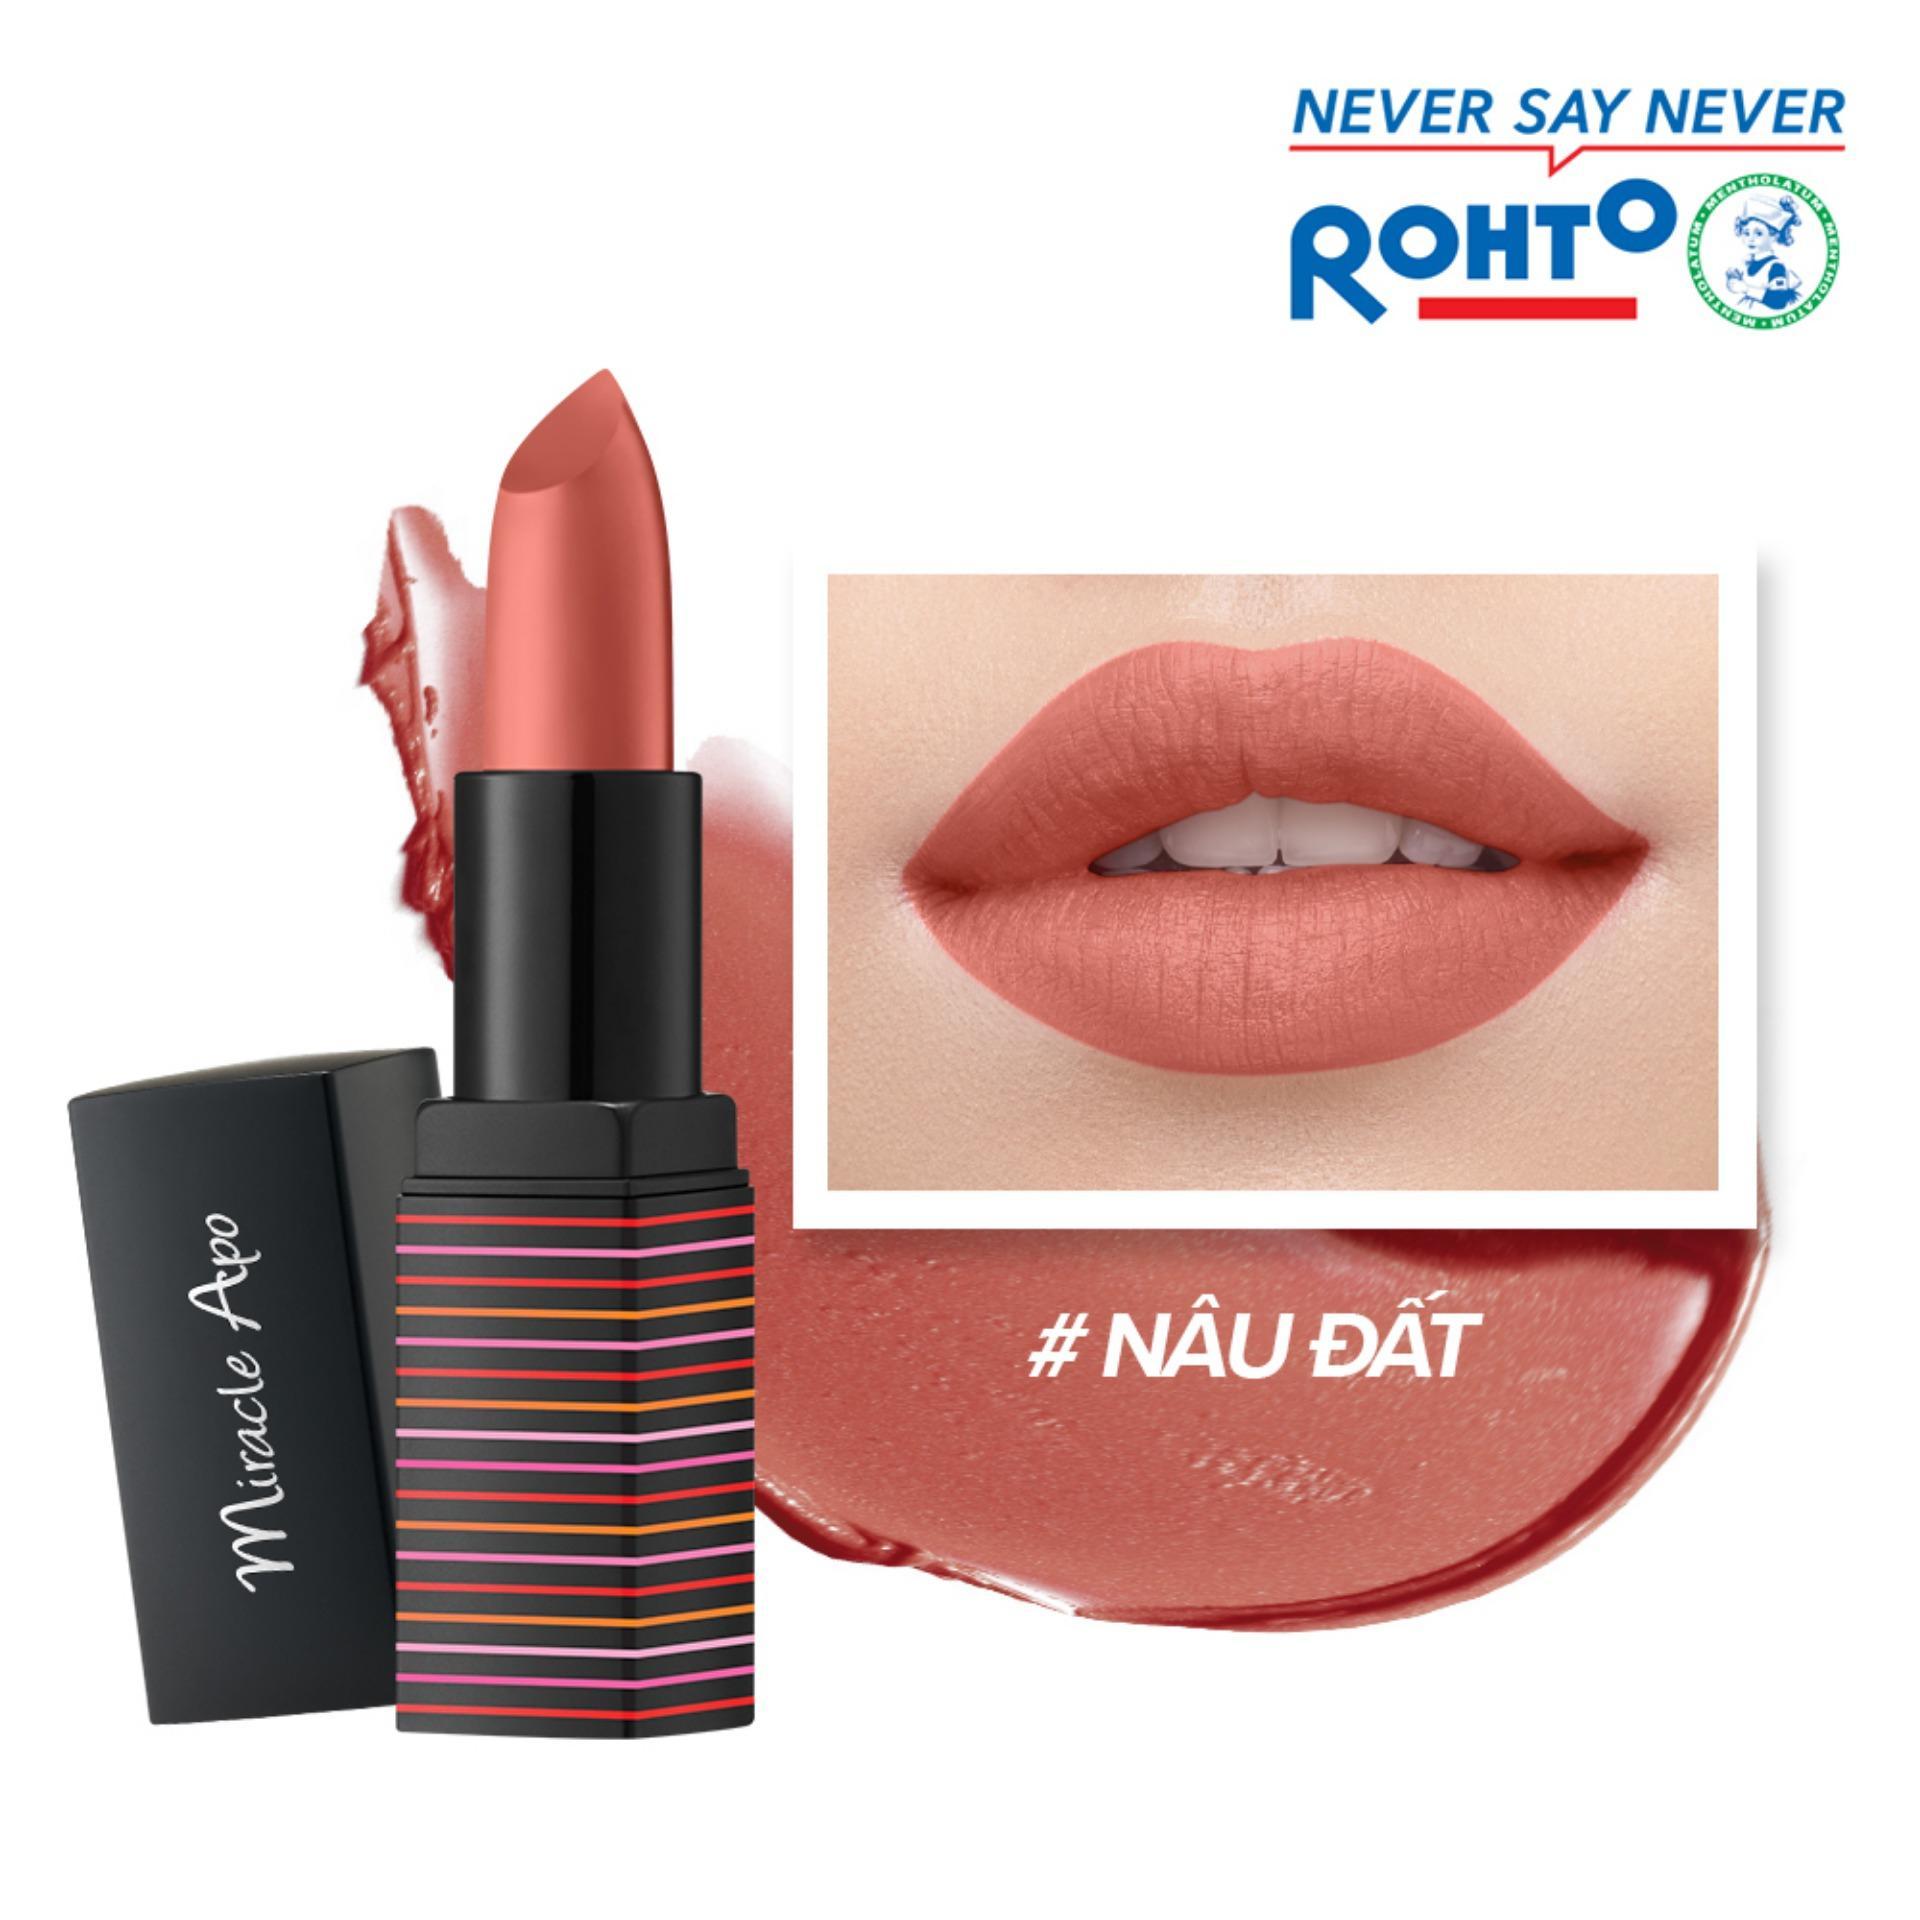 Son lì Miracle Apo Lipstick Matte Brownude 4g (Nâu đất) chính hãng